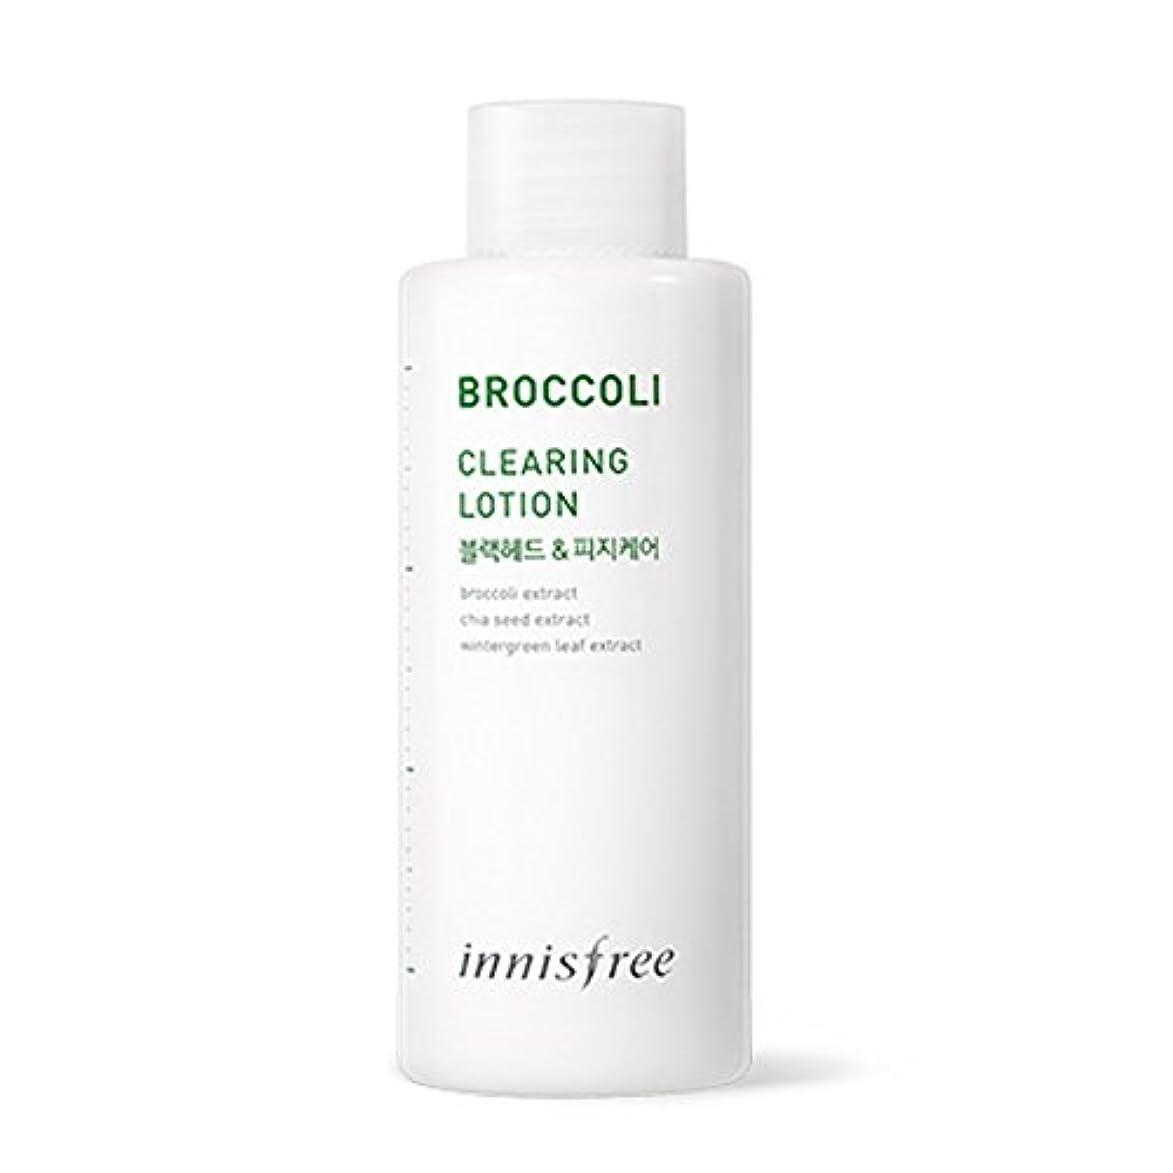 塊アジャ見捨てられたイニスフリーブロッコリークリアリングローション(エマルジョン)130ml Innisfree Broccoli Clearing Lotion(Emulsion) 130ml [海外直送品][並行輸入品]